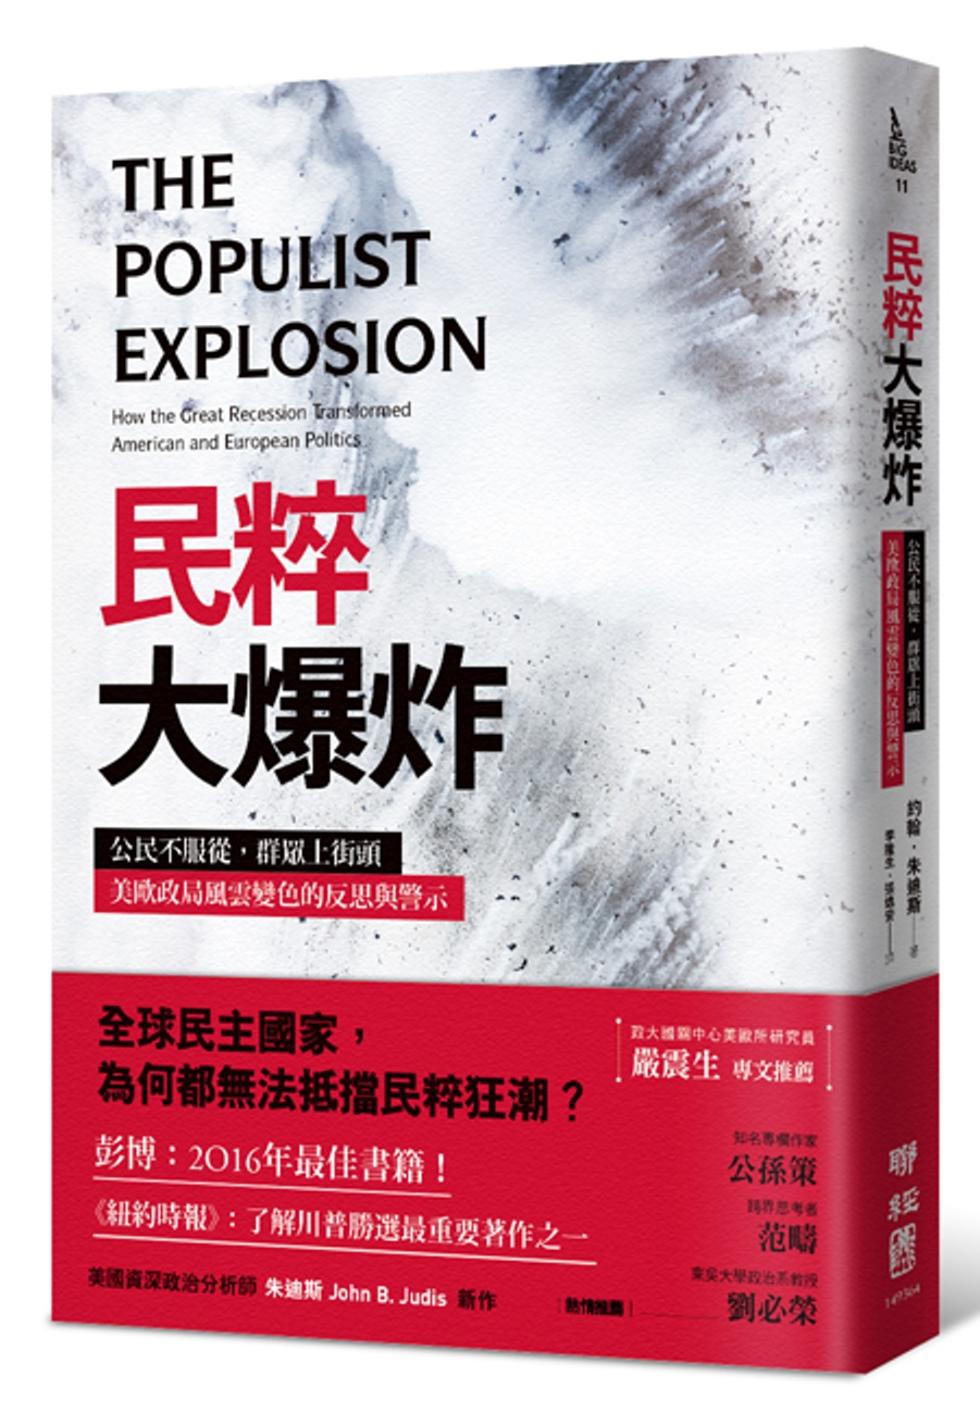 民粹大爆炸:公民不服從,群眾上街頭,美歐政局風雲變色的反思與警示